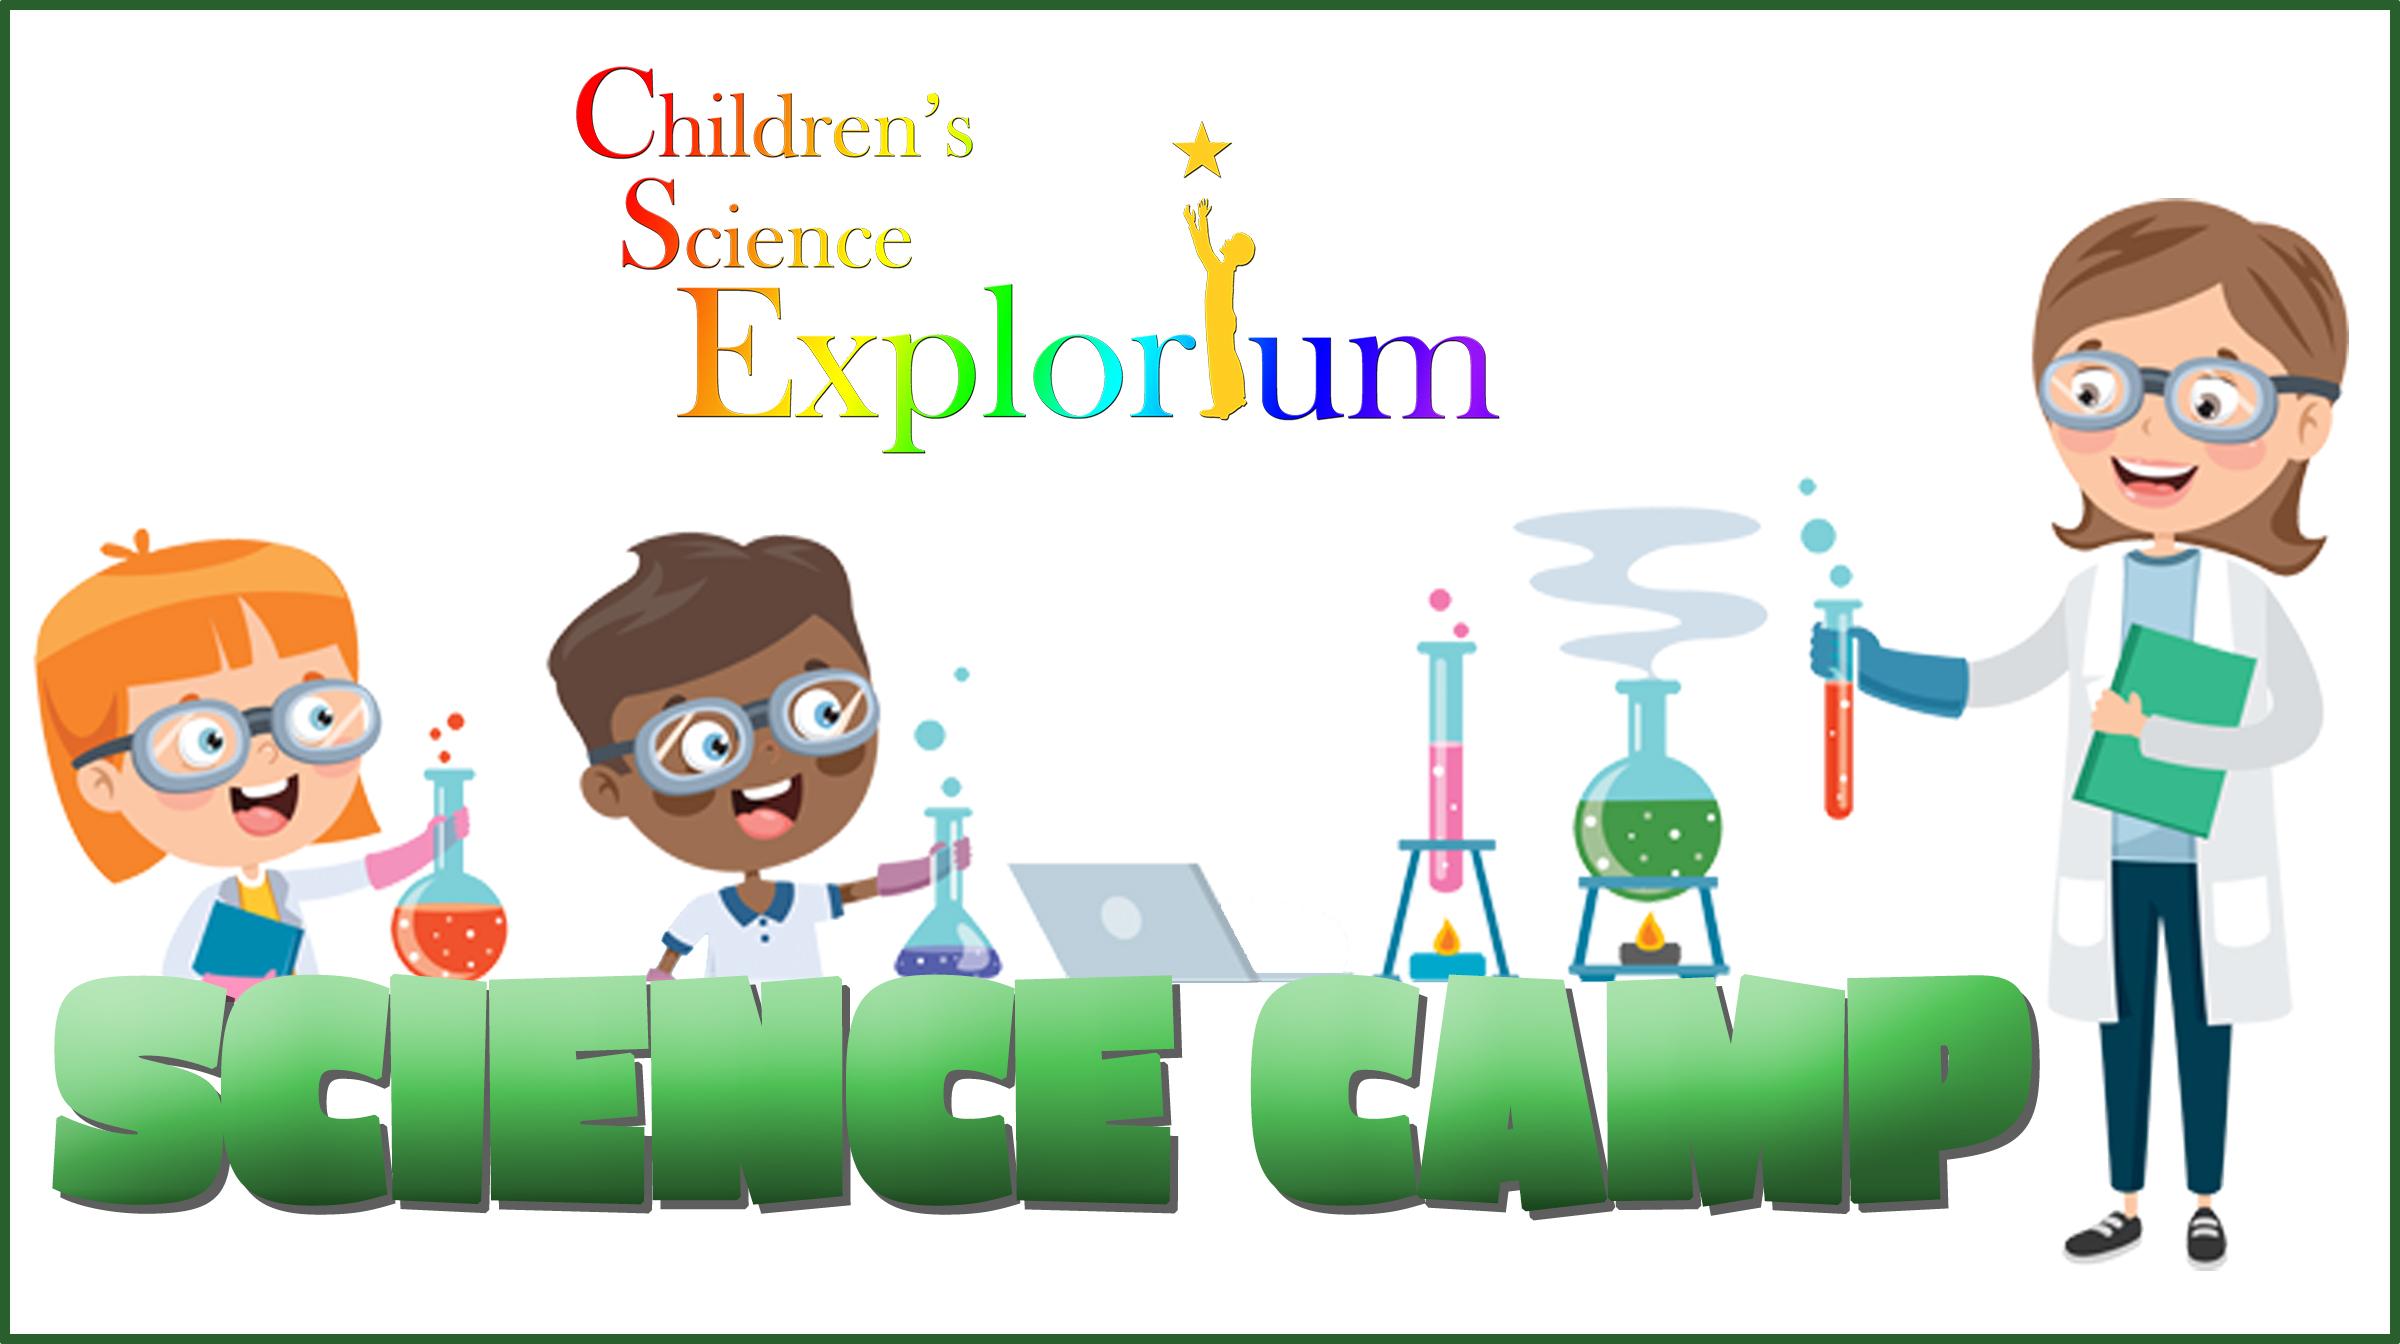 Explorium Science Camp